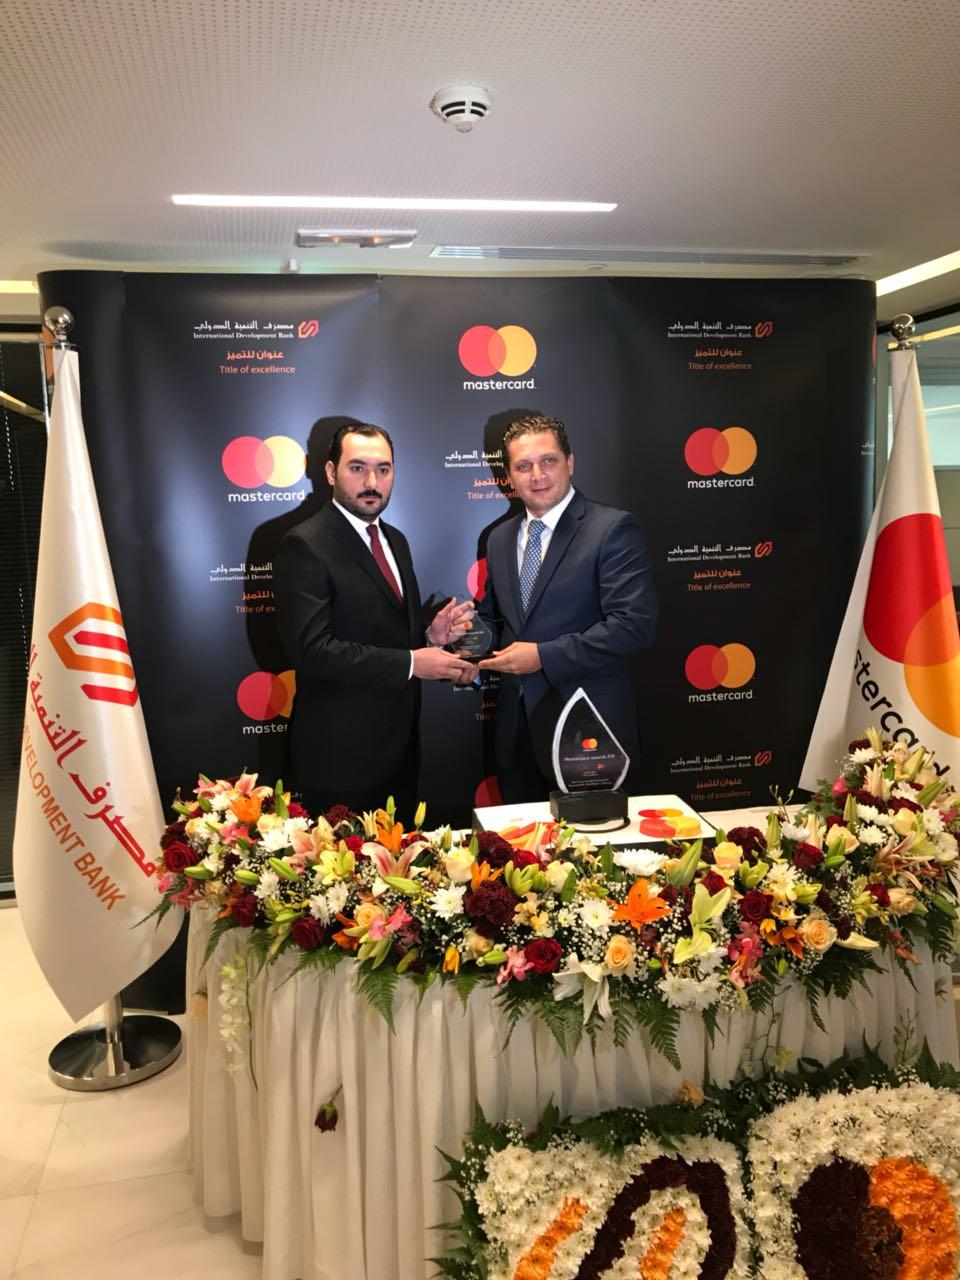 اول مصرف في العراق يحصل على جائزة التميز وأفضل أداء لنتائج الاعمال المتحققة(Bussiness Performance) في عام ٢٠١٧ من شركة ماستر كارد العالمية